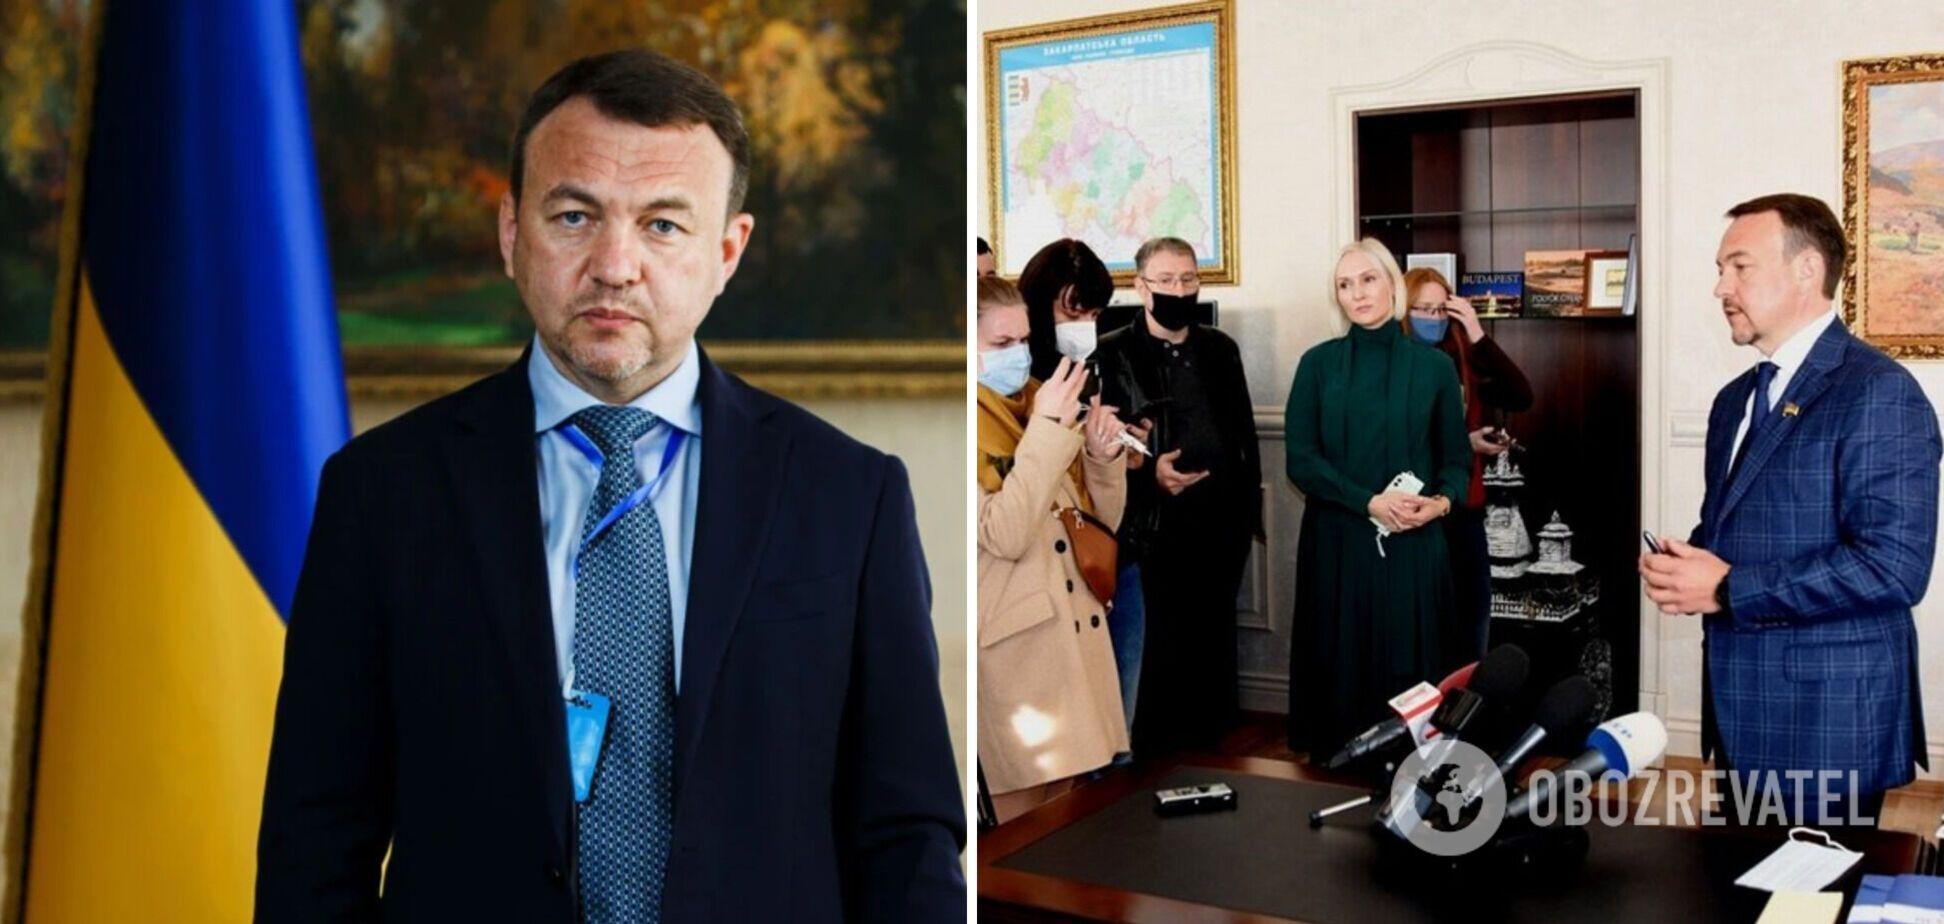 Голову Закарпатської облради зі 'Слуги народу' зняли з посади: він не згоден із відставкою та звернувся до СБУ